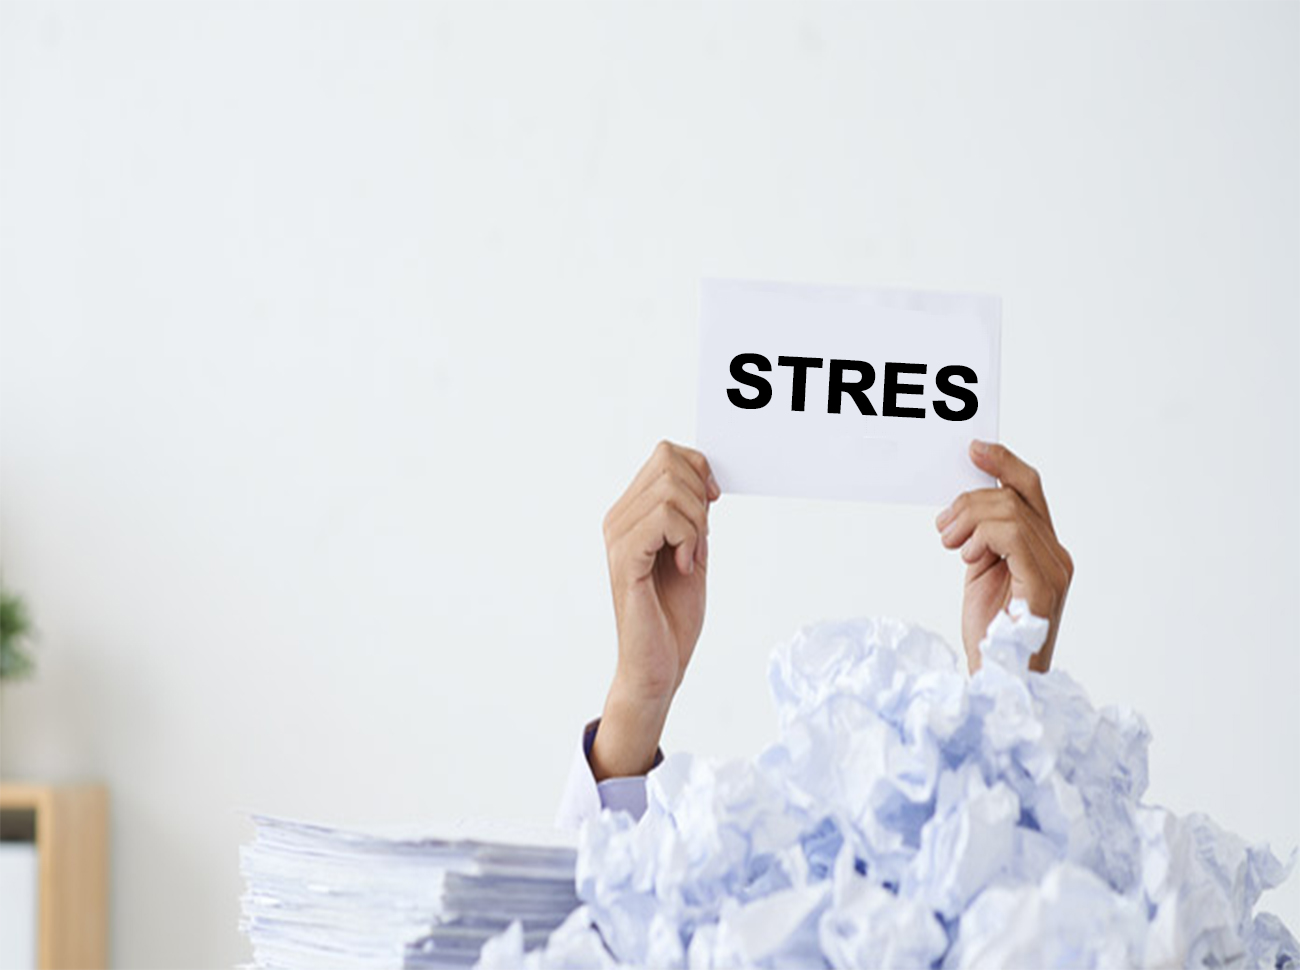 Stres Gerçeği Ve İş Hayatına Yansımaları - Branding Türkiye